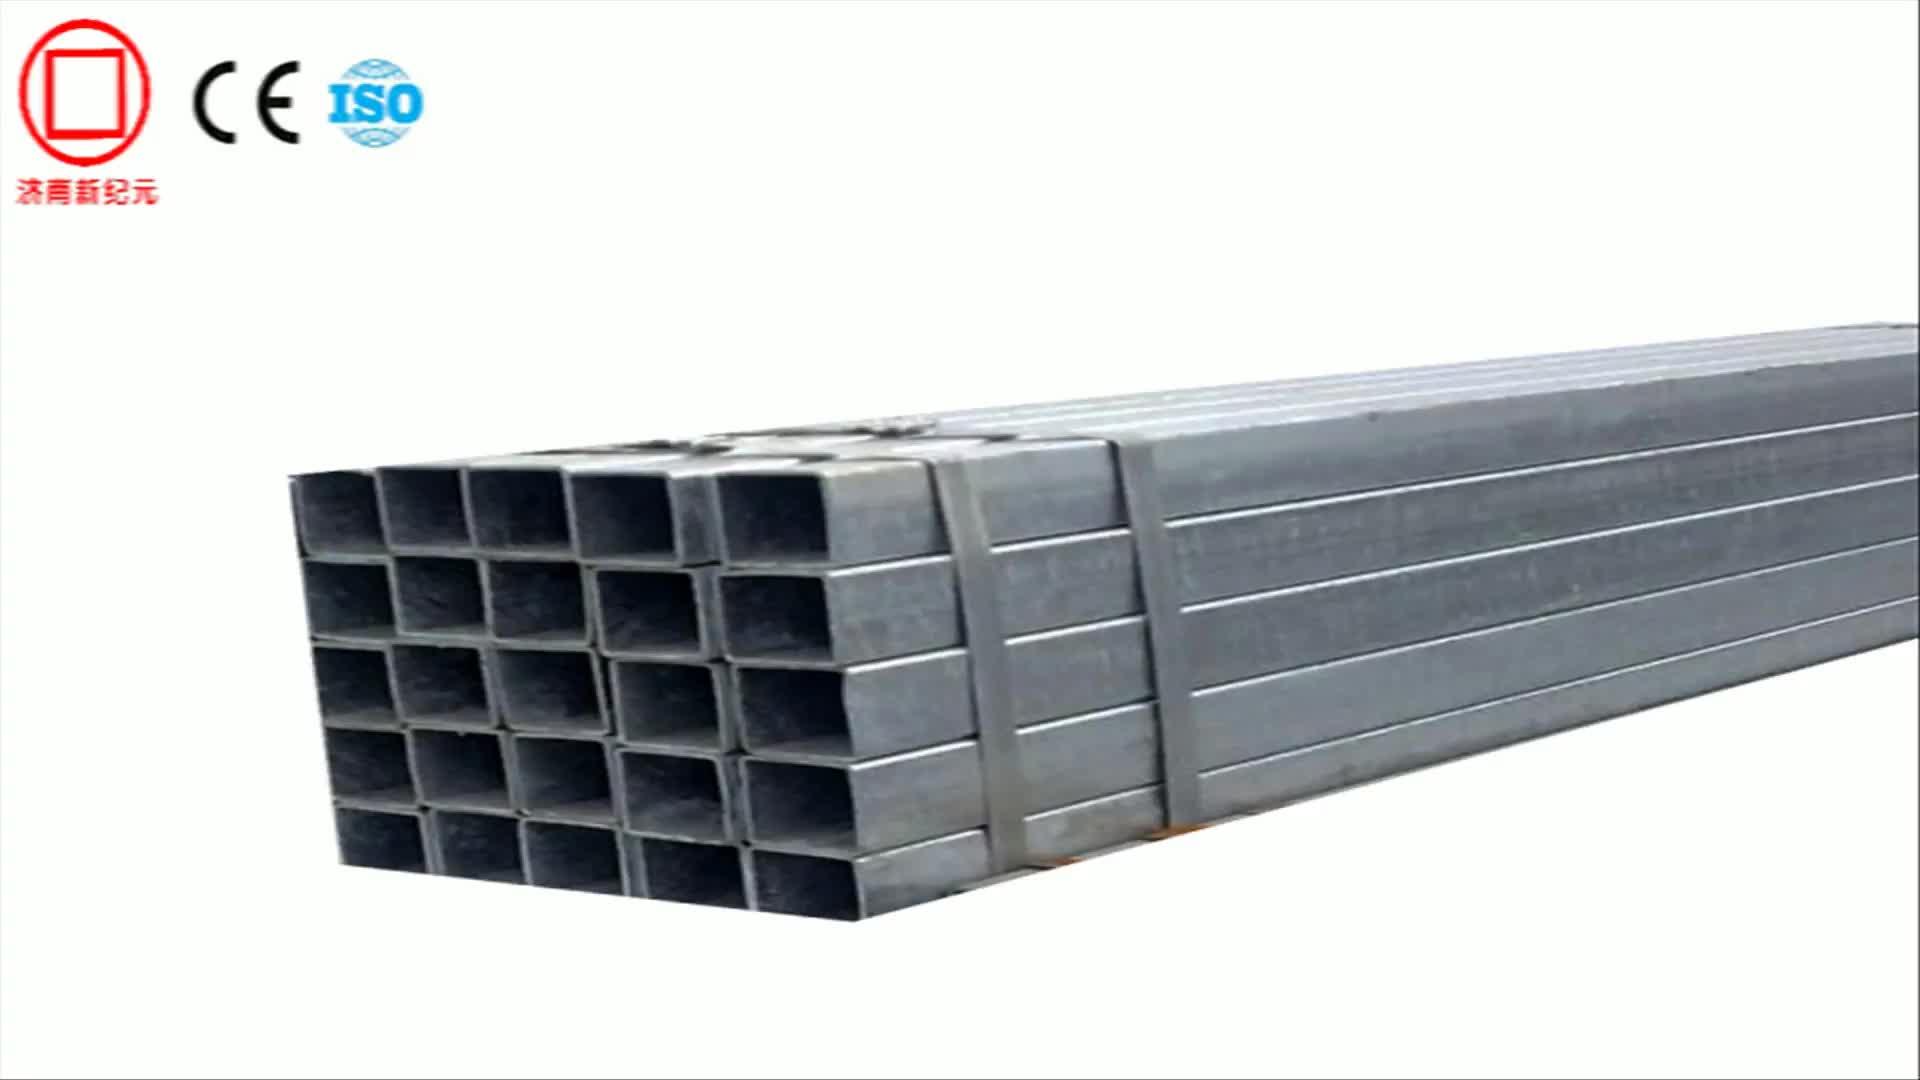 निर्माता आपूर्ति ASTM A500 Q345B जस्ती वर्ग स्टील पाइप